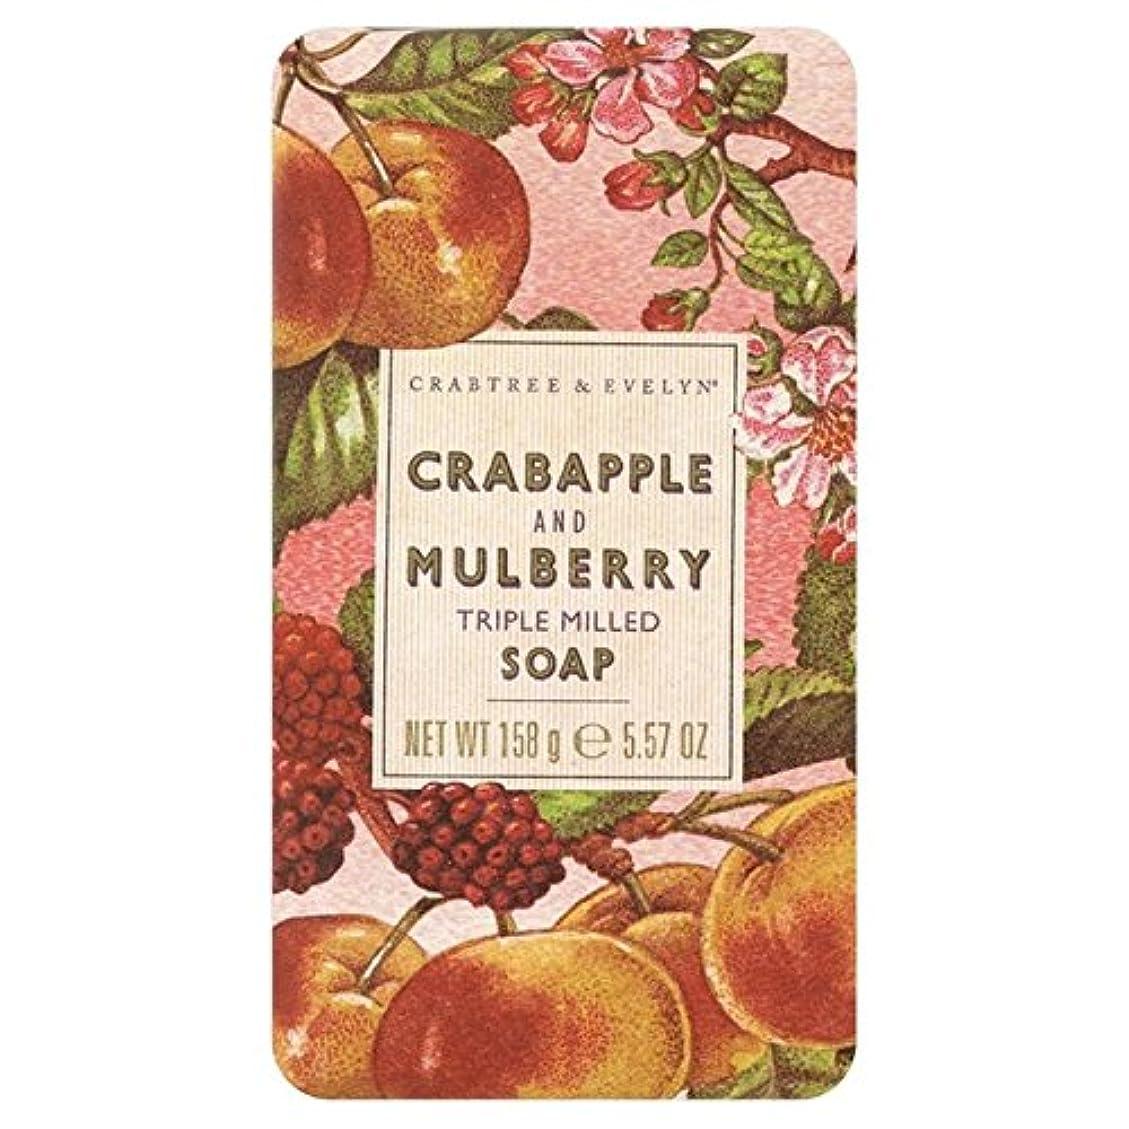 霧強化石灰岩クラブツリー&イヴリンと桑遺産石鹸150グラム x2 - Crabtree & Evelyn Crabapple and Mulberry Heritage Soap 150g (Pack of 2) [並行輸入品]